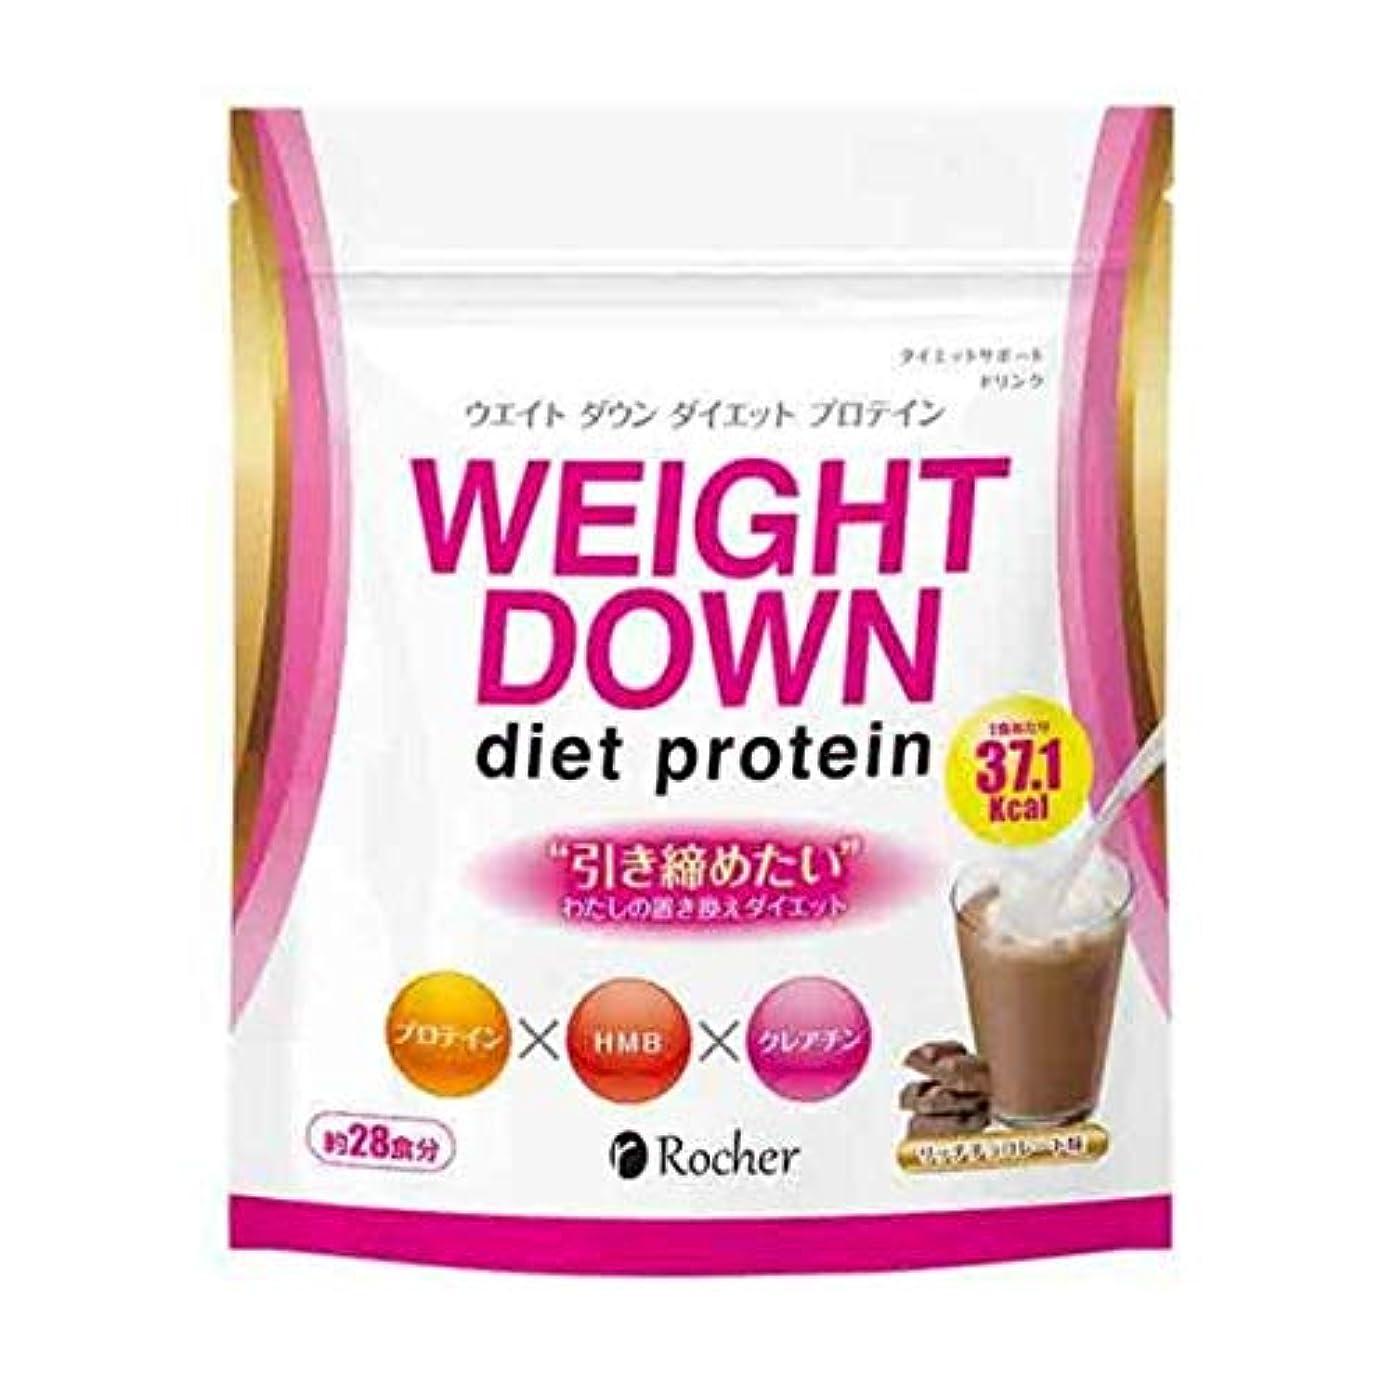 殺します広々禁輸ウェイトダウン ダイエットプロテイン 置き換えダイエット!栄養バランを考えて作られたダイエットプロテイン